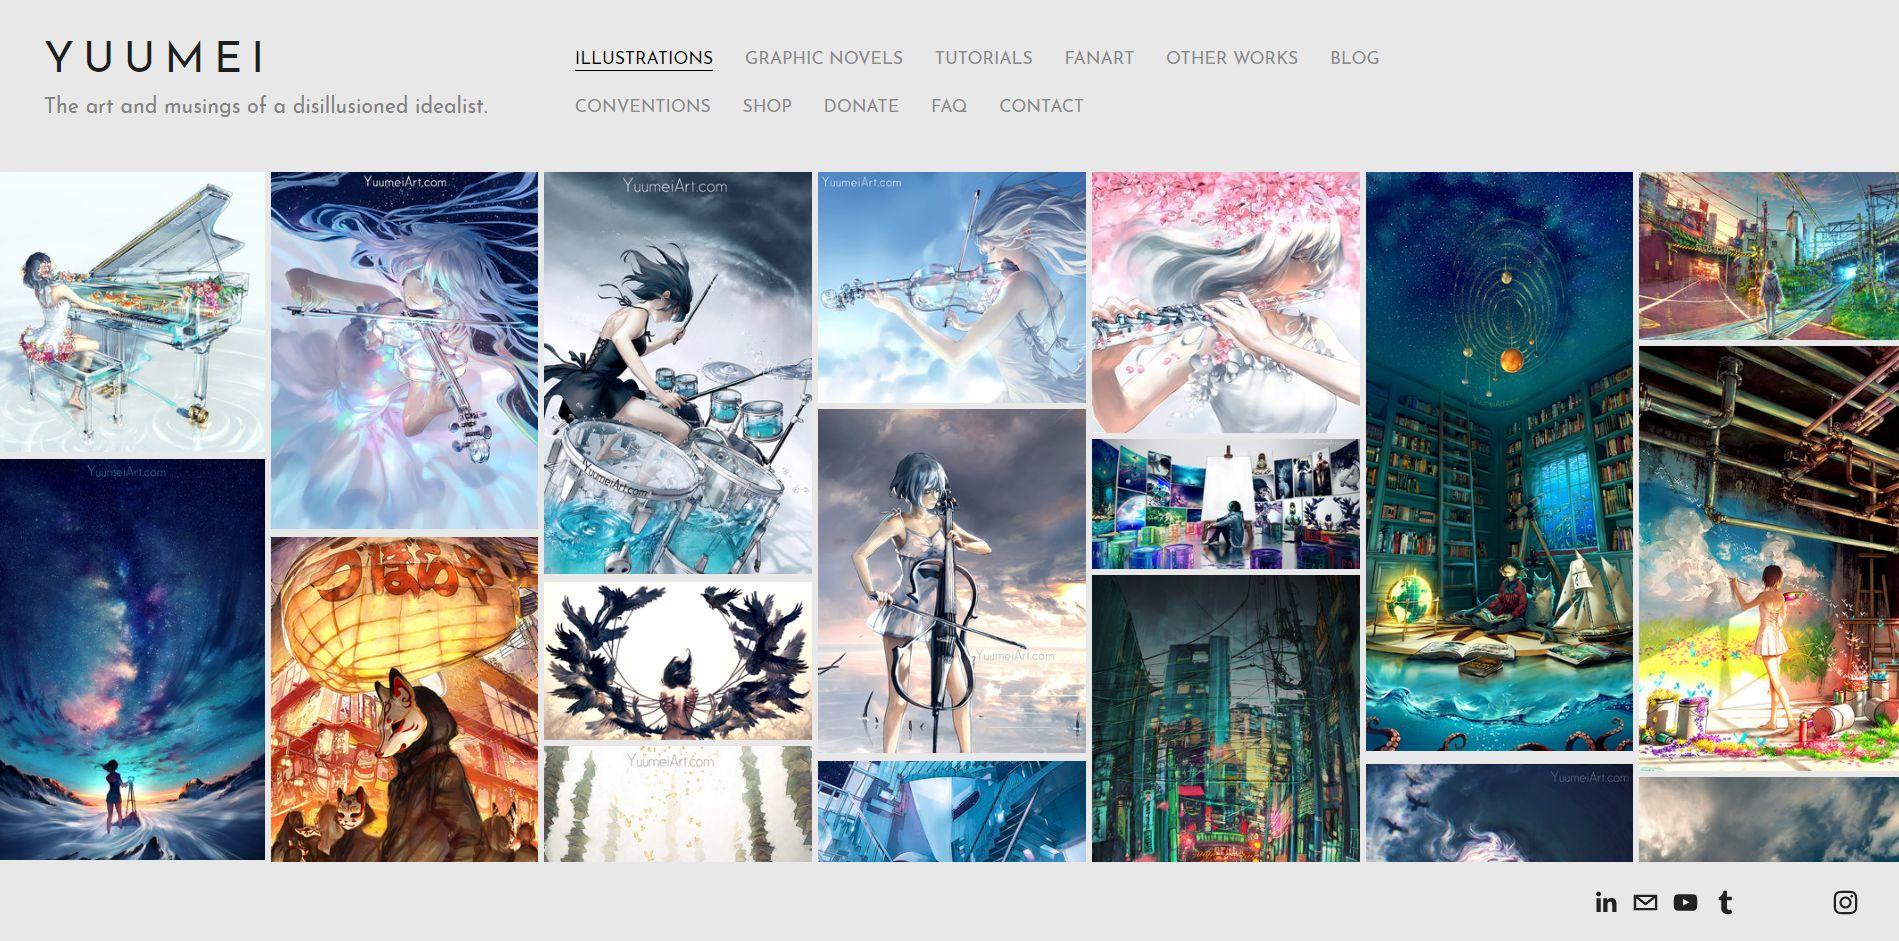 yuumei_website.jpg